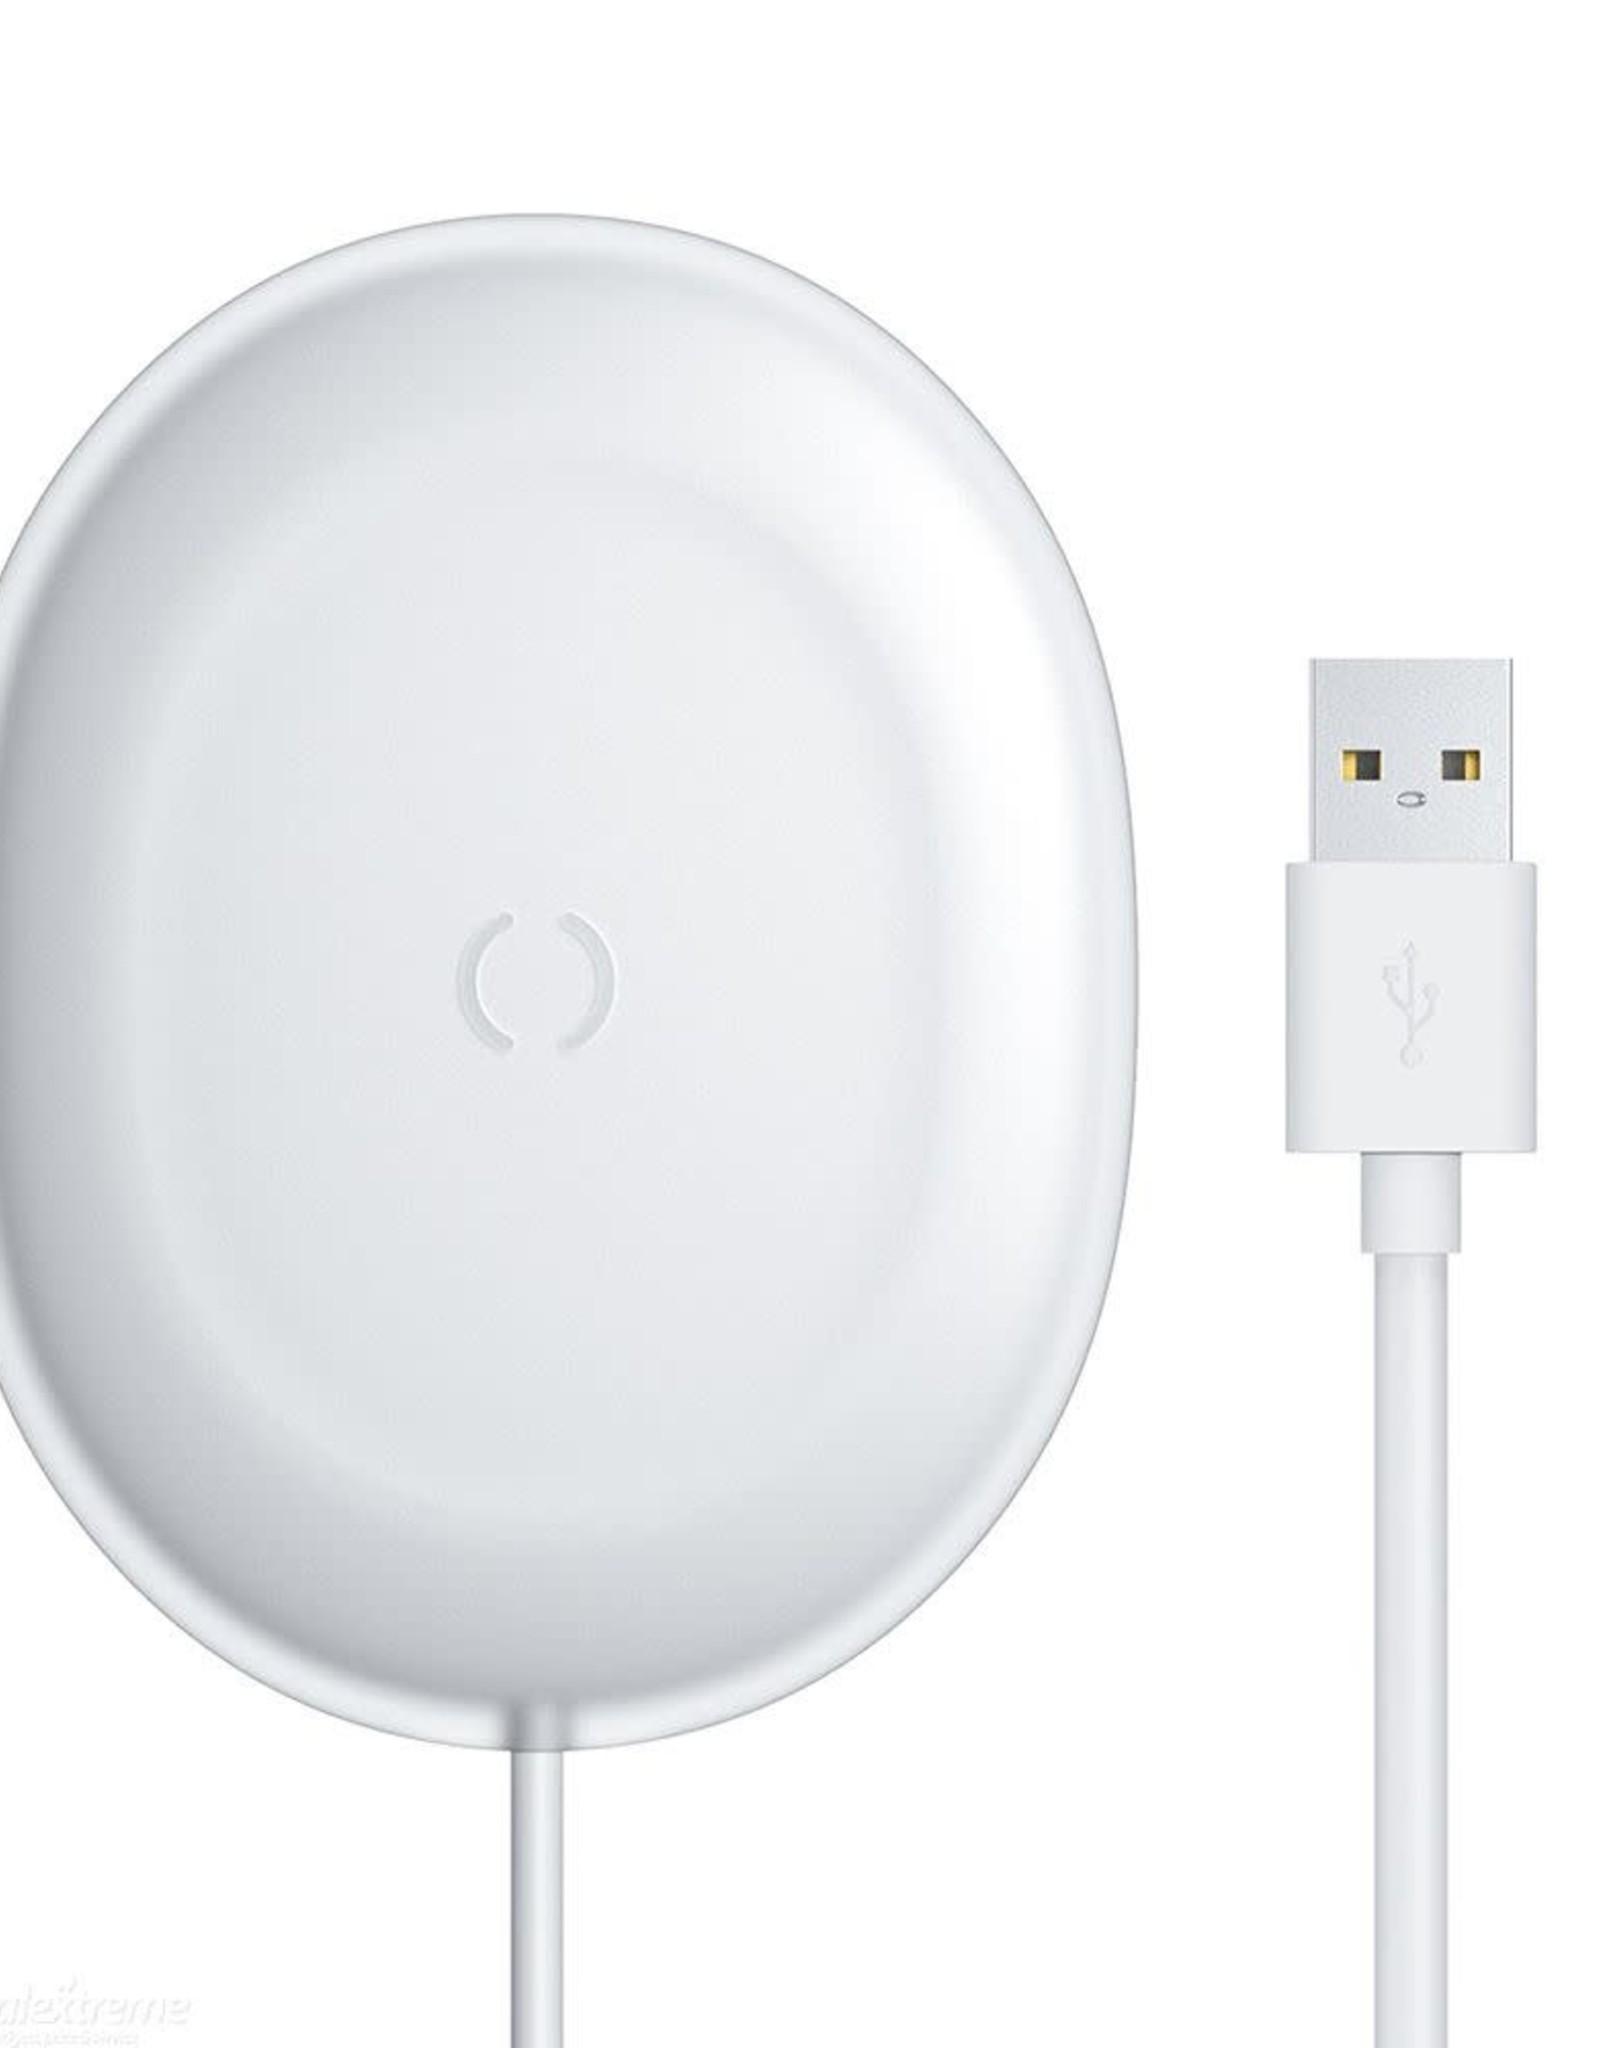 Baseus Baseus Jelly wireless charger 15W White